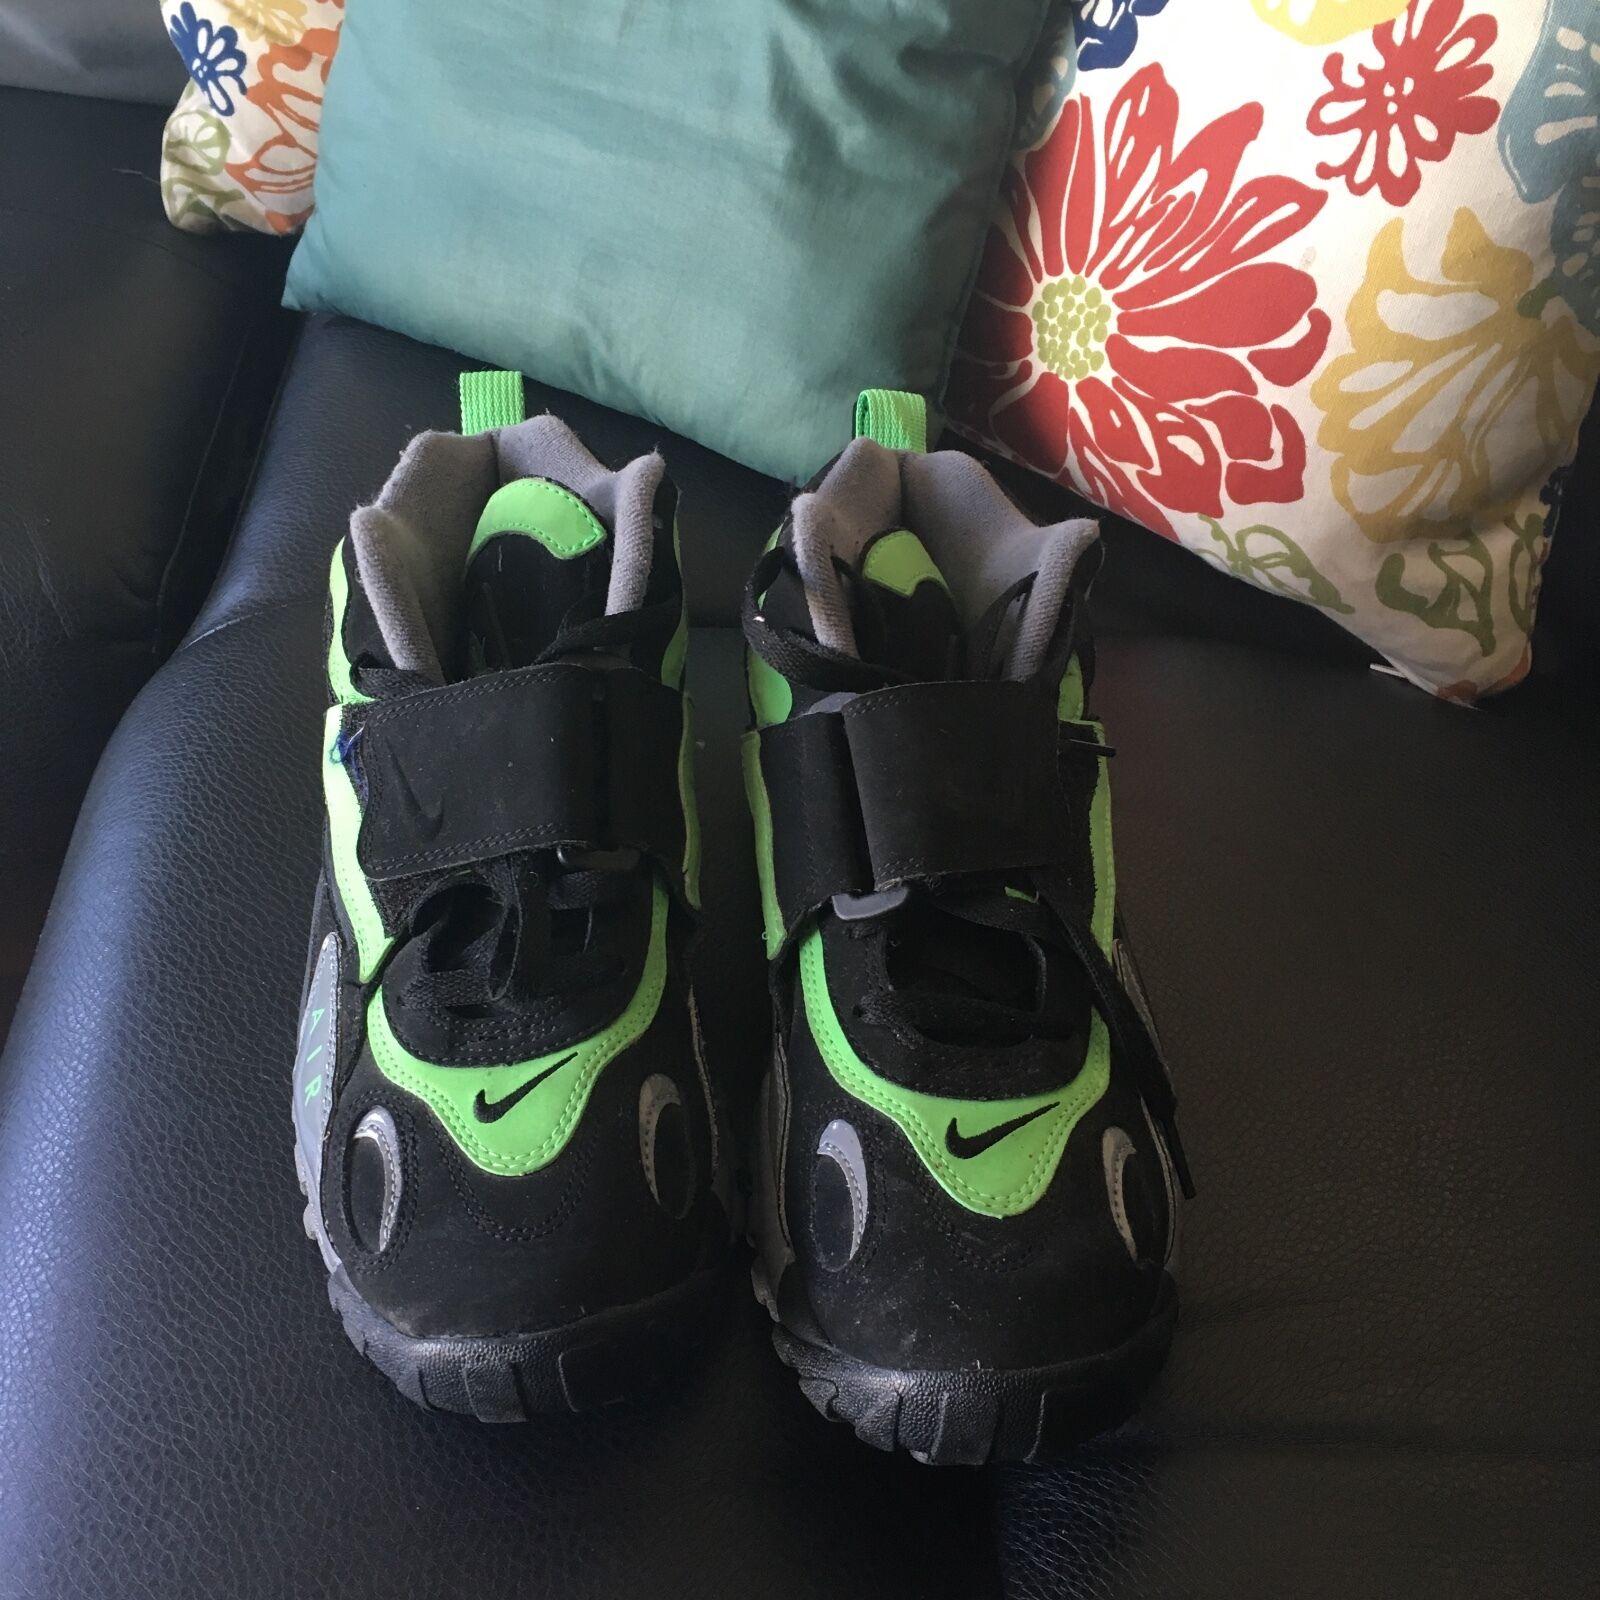 best service 403b3 4afa3 Nike Sneakers. Neon Green       Black Size 8.5 in Men. 4e24f1